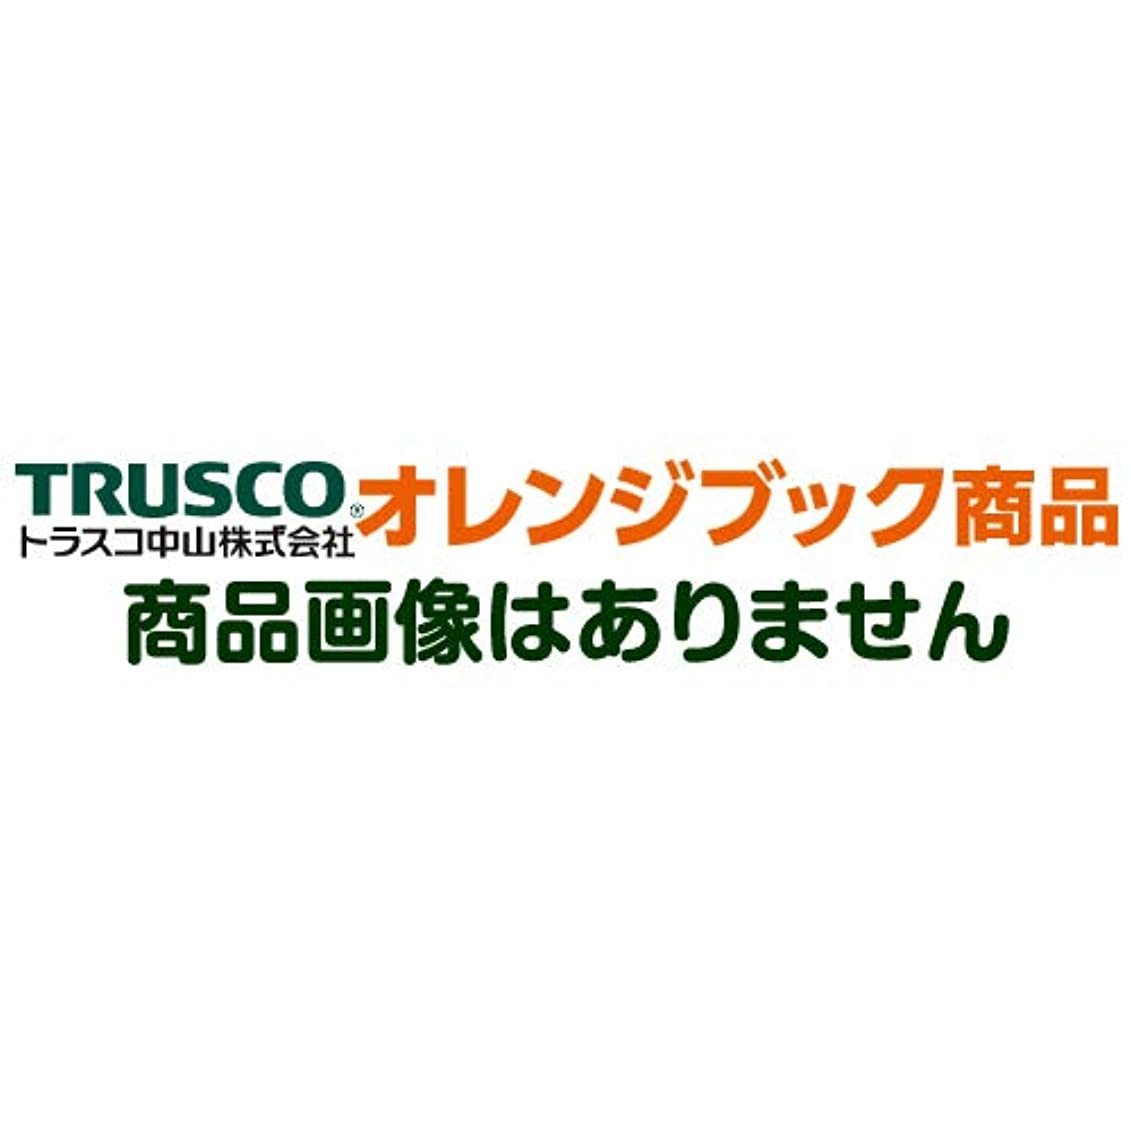 モードリン拡声器拾うTRUSCO 三菱K 三菱 バイオレット高精度ドリル 汎用 ショート 1.05mm VAPDSD0105